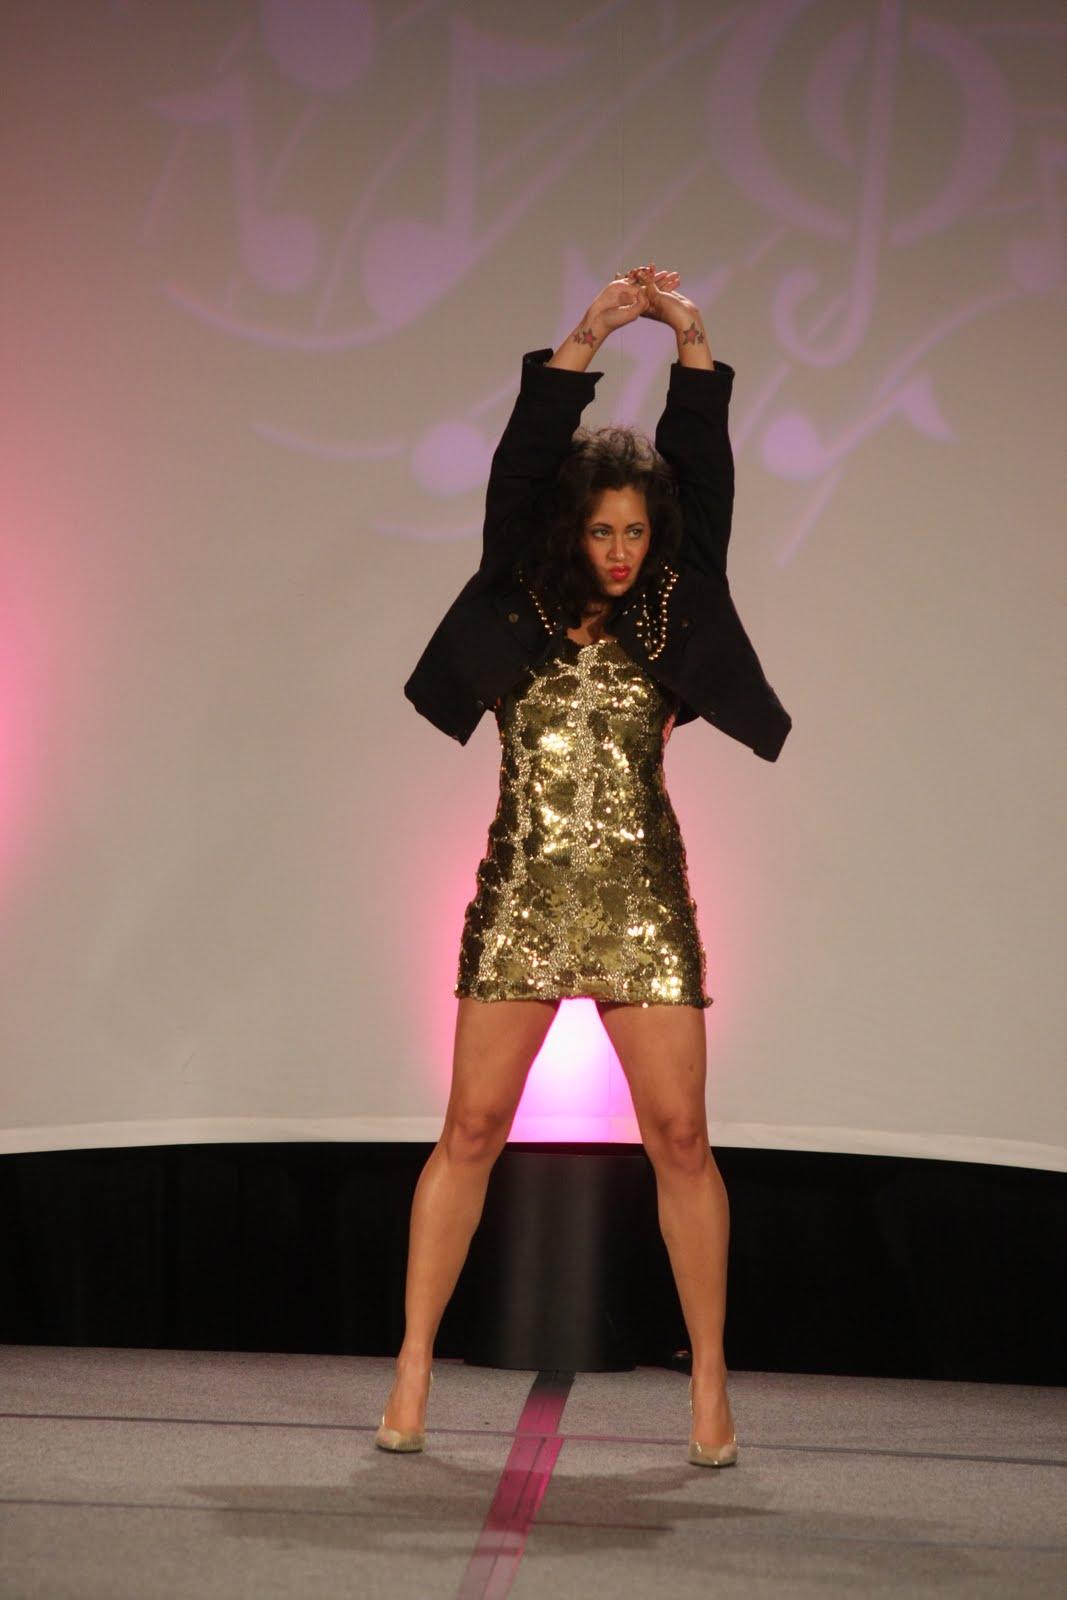 http://3.bp.blogspot.com/_8sEE3QQ02E8/TNR3KKhs8RI/AAAAAAAABT8/U-9i0mP7ZtY/s1600/Tina_Turner_1.JPG